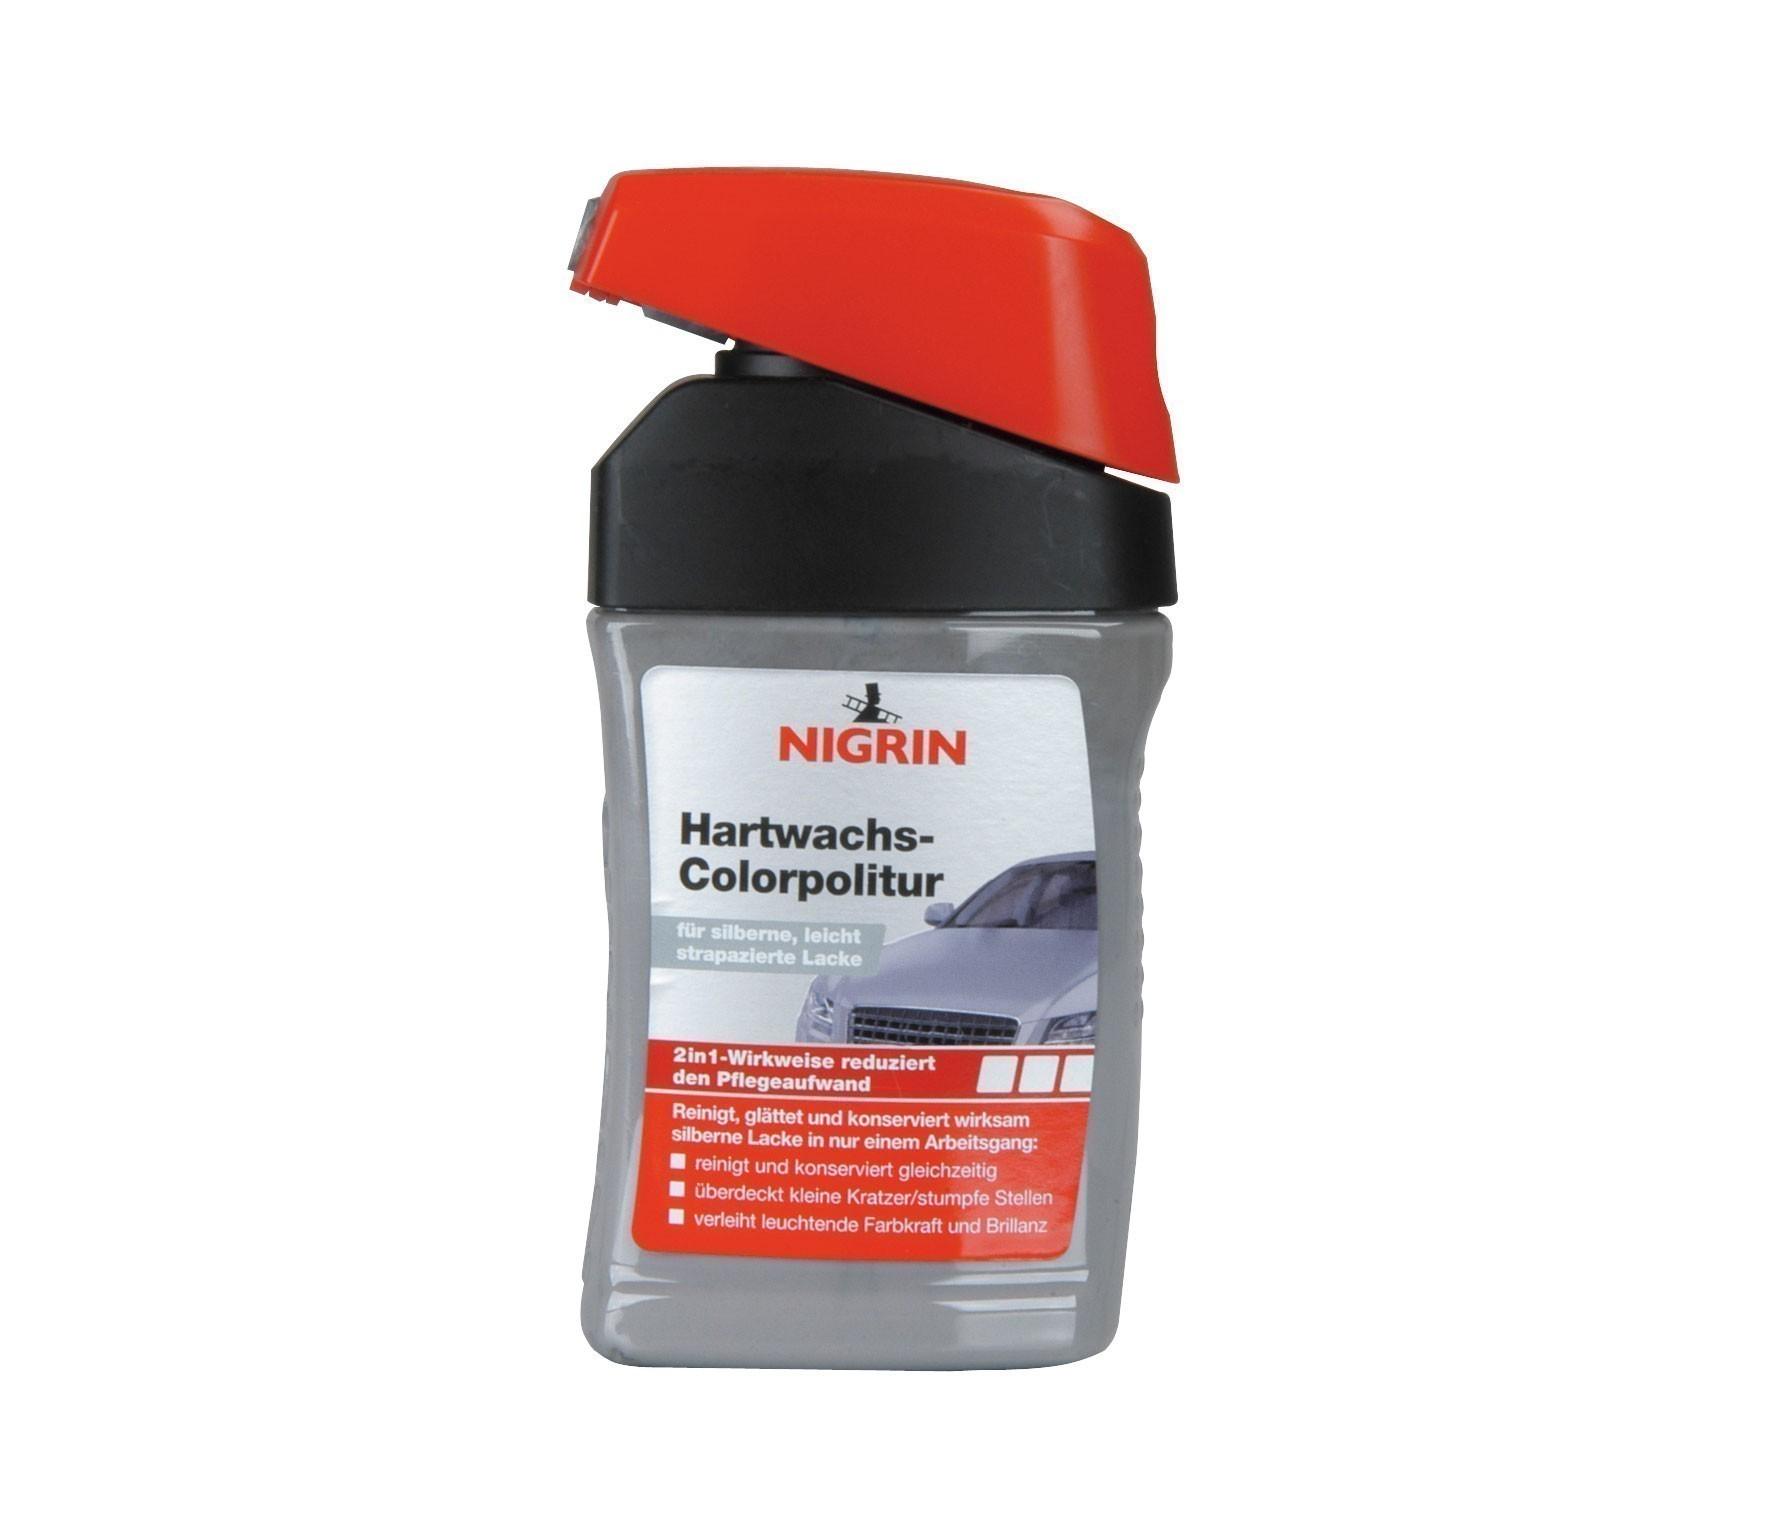 Nigrin Lackpflege Hartwachs-Colorpolitur silber 300ml Bild 1